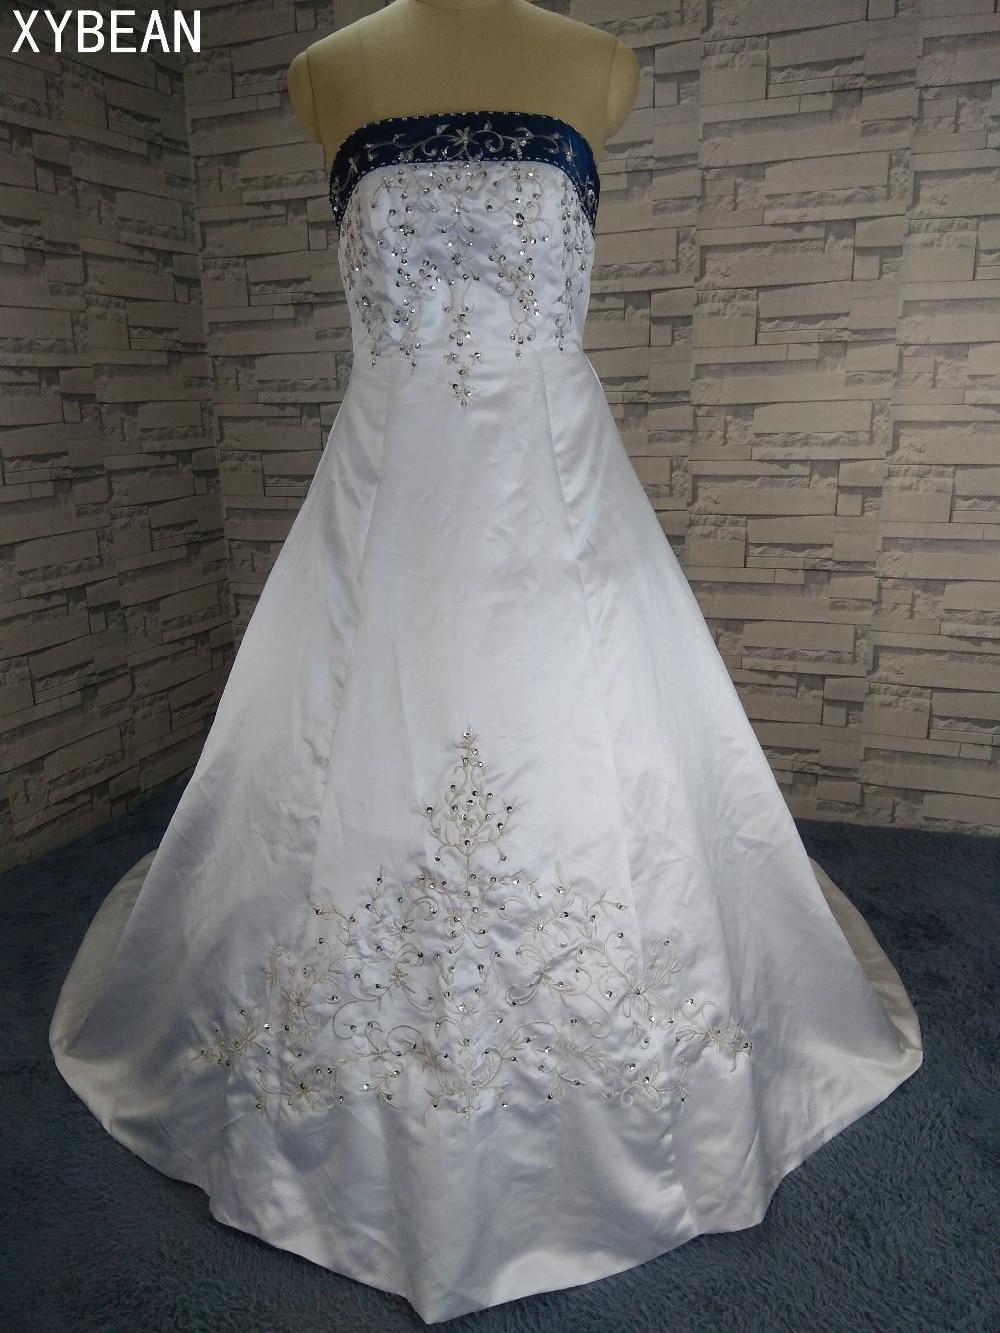 2017 Γραμματοσήμανση αλληλογραφίας - Γαμήλια φορέματα - Φωτογραφία 2